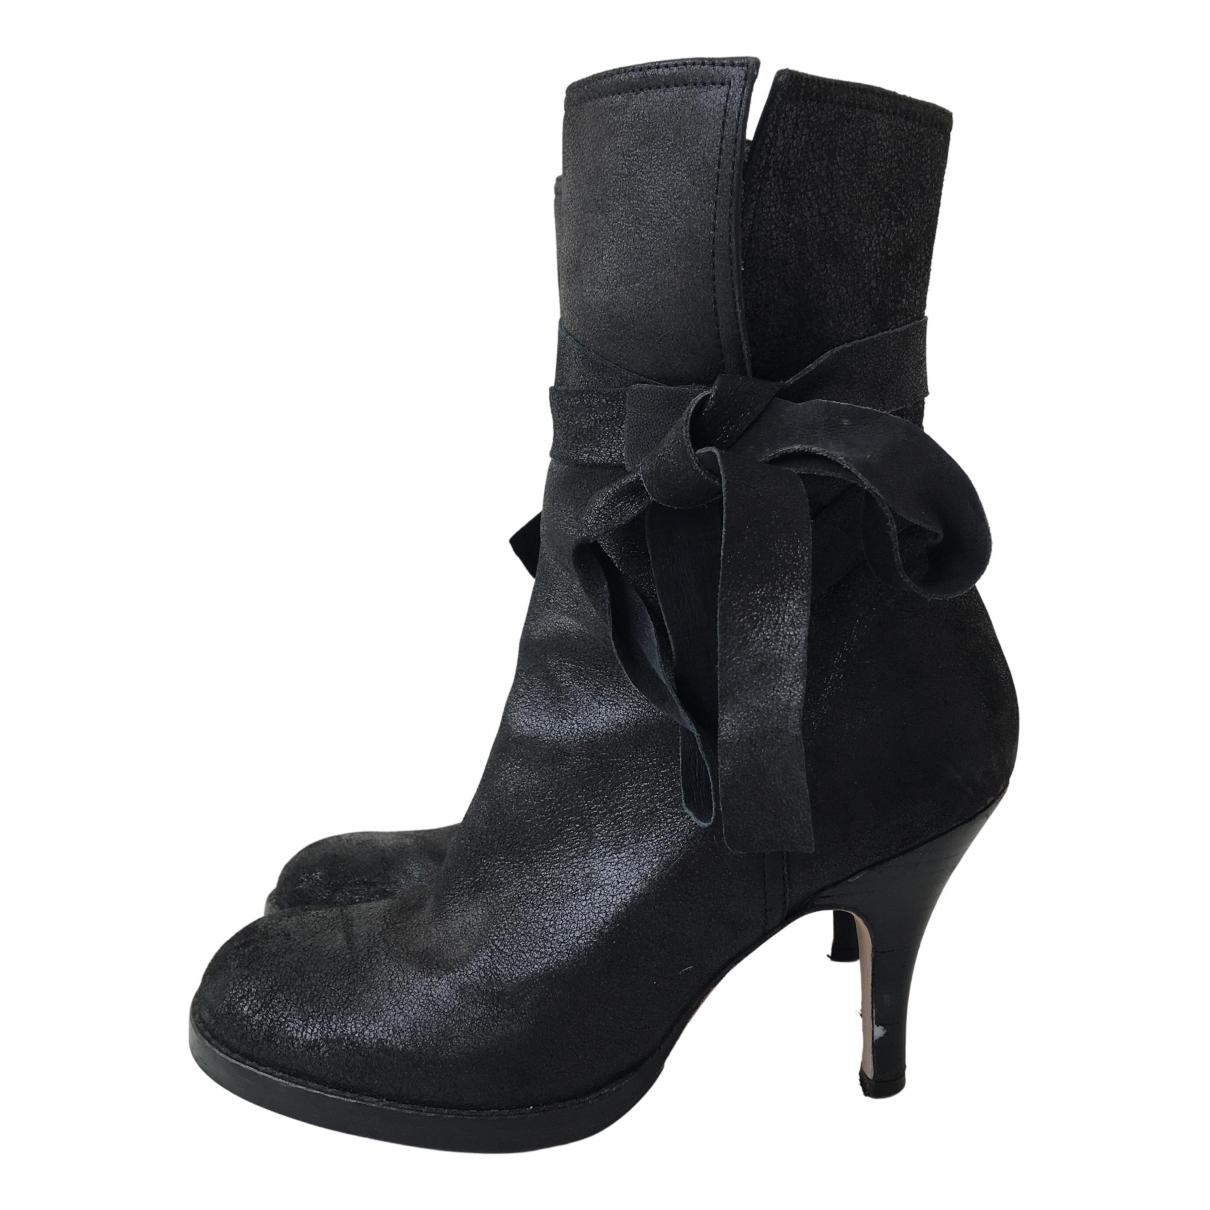 Nicole Farhi - Bottes   pour femme en cuir - noir